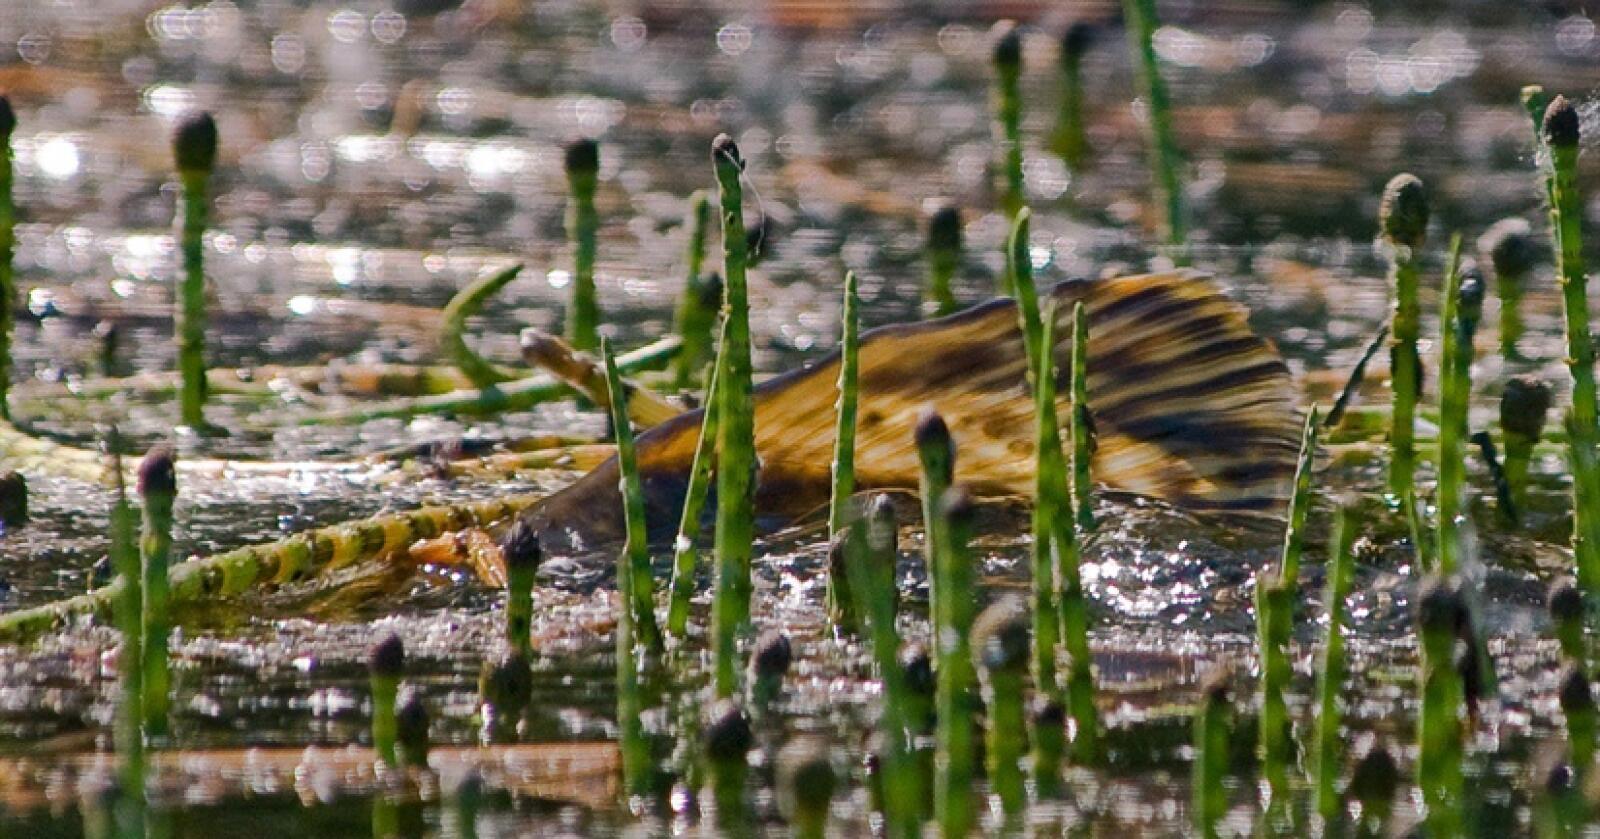 Gjedde er en av artene NINA har foreslått en tiltaksplan for, for å hindre spredning i Telemarkskanalen.Foto: Børre K. Dervo / NINA